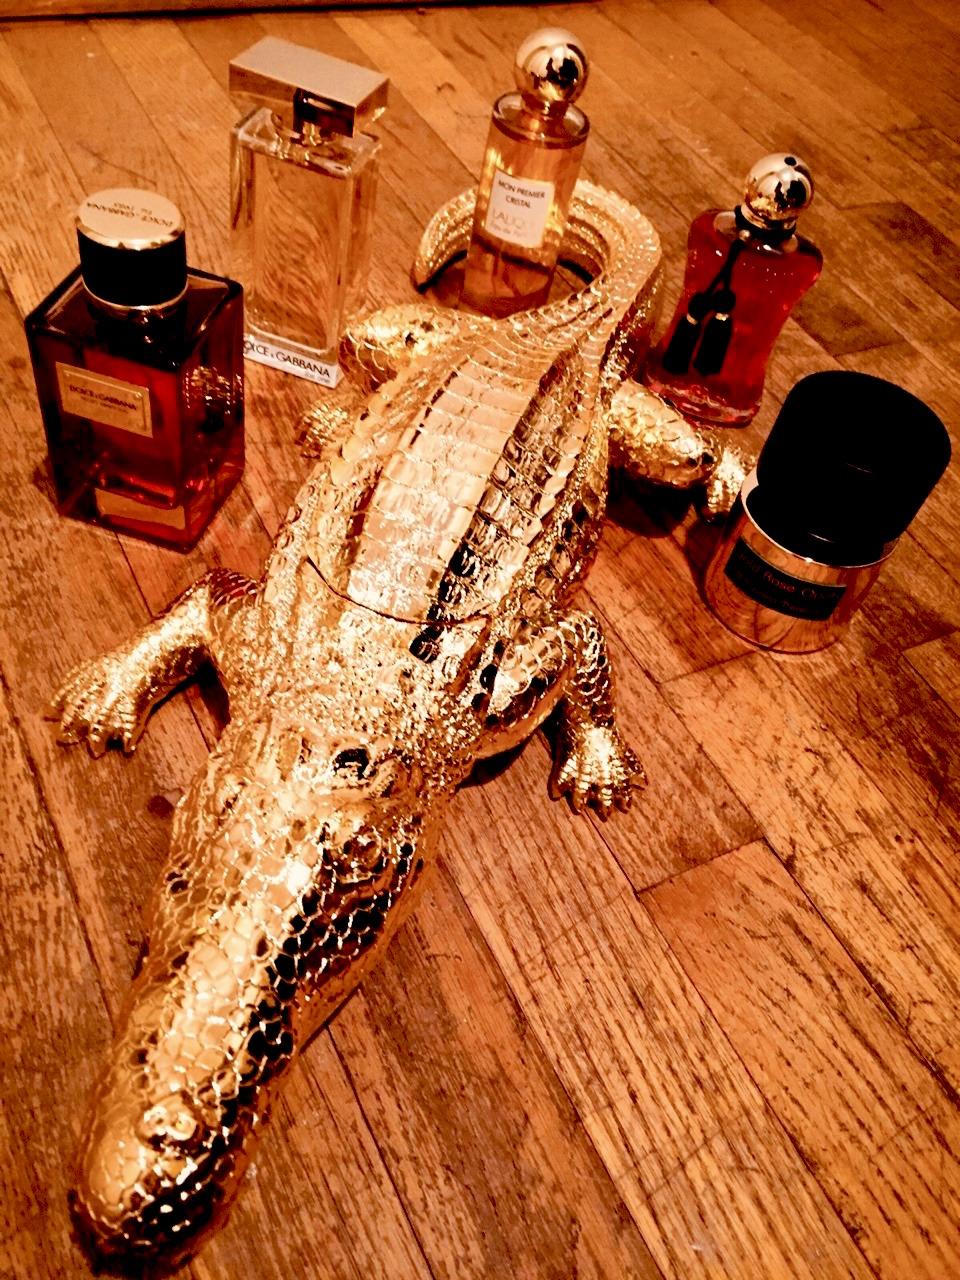 CROC OF GOLD GIFTS 2017 FRAGRANCE brigitte segura FashionDailyMag 1kcDEZ61qicox1o5_1280